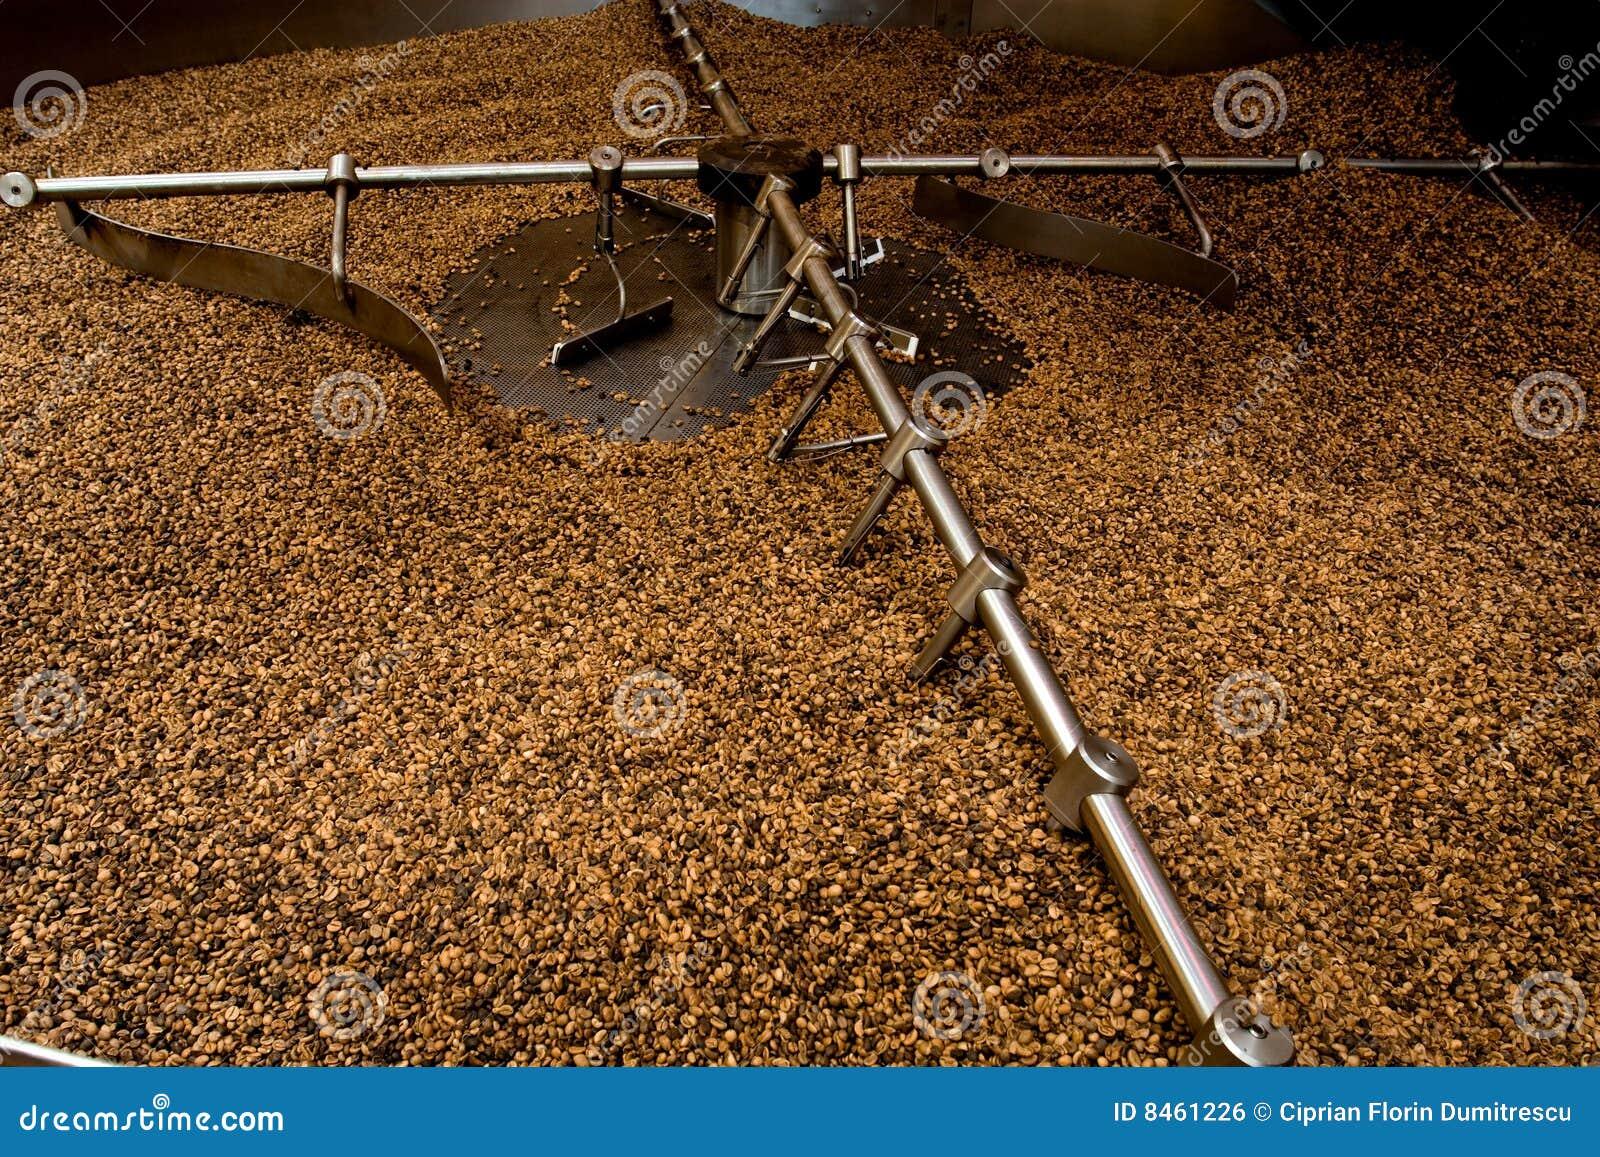 Grillat kaffe